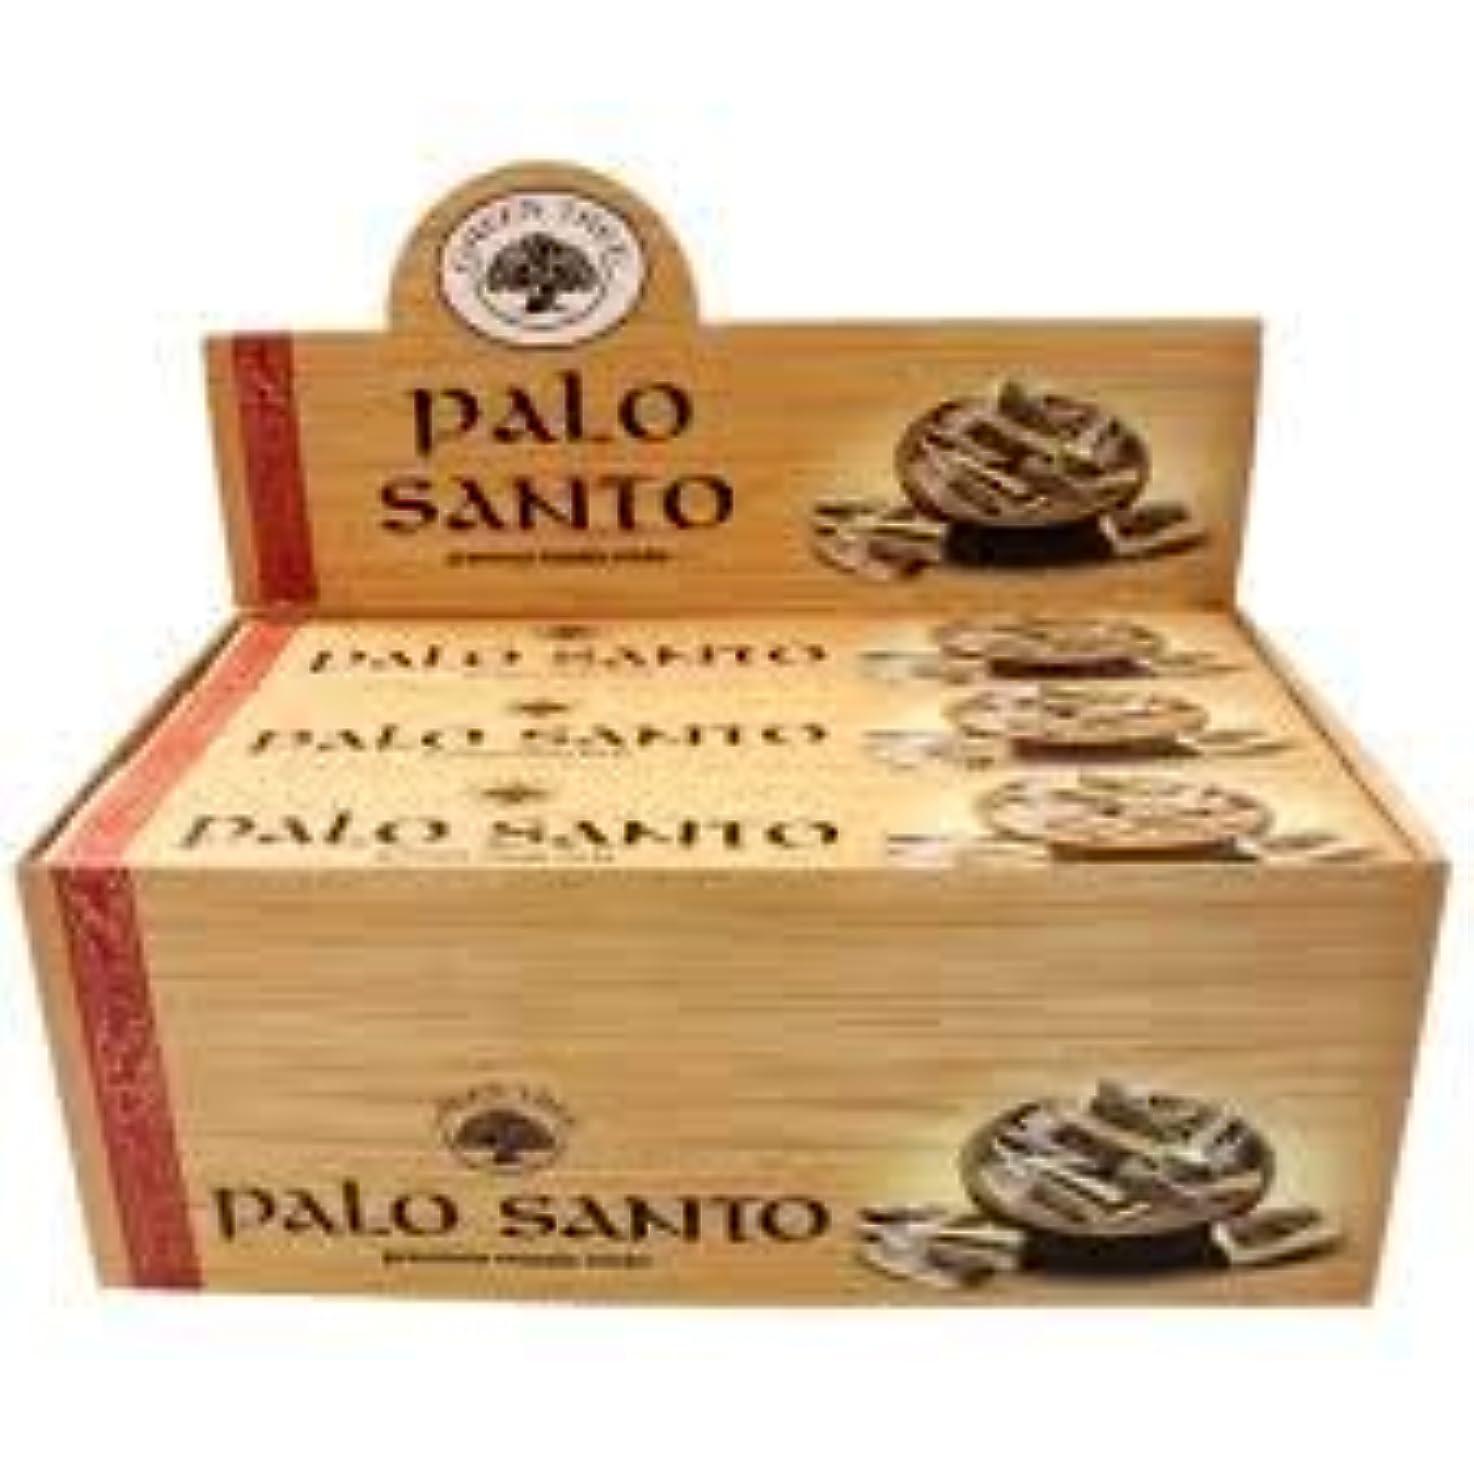 教科書ビル提供されたGREEN TREE PALO SANTO パロサント 聖なる樹 お香 スティック 約15本入 (1箱) [並行輸入品]